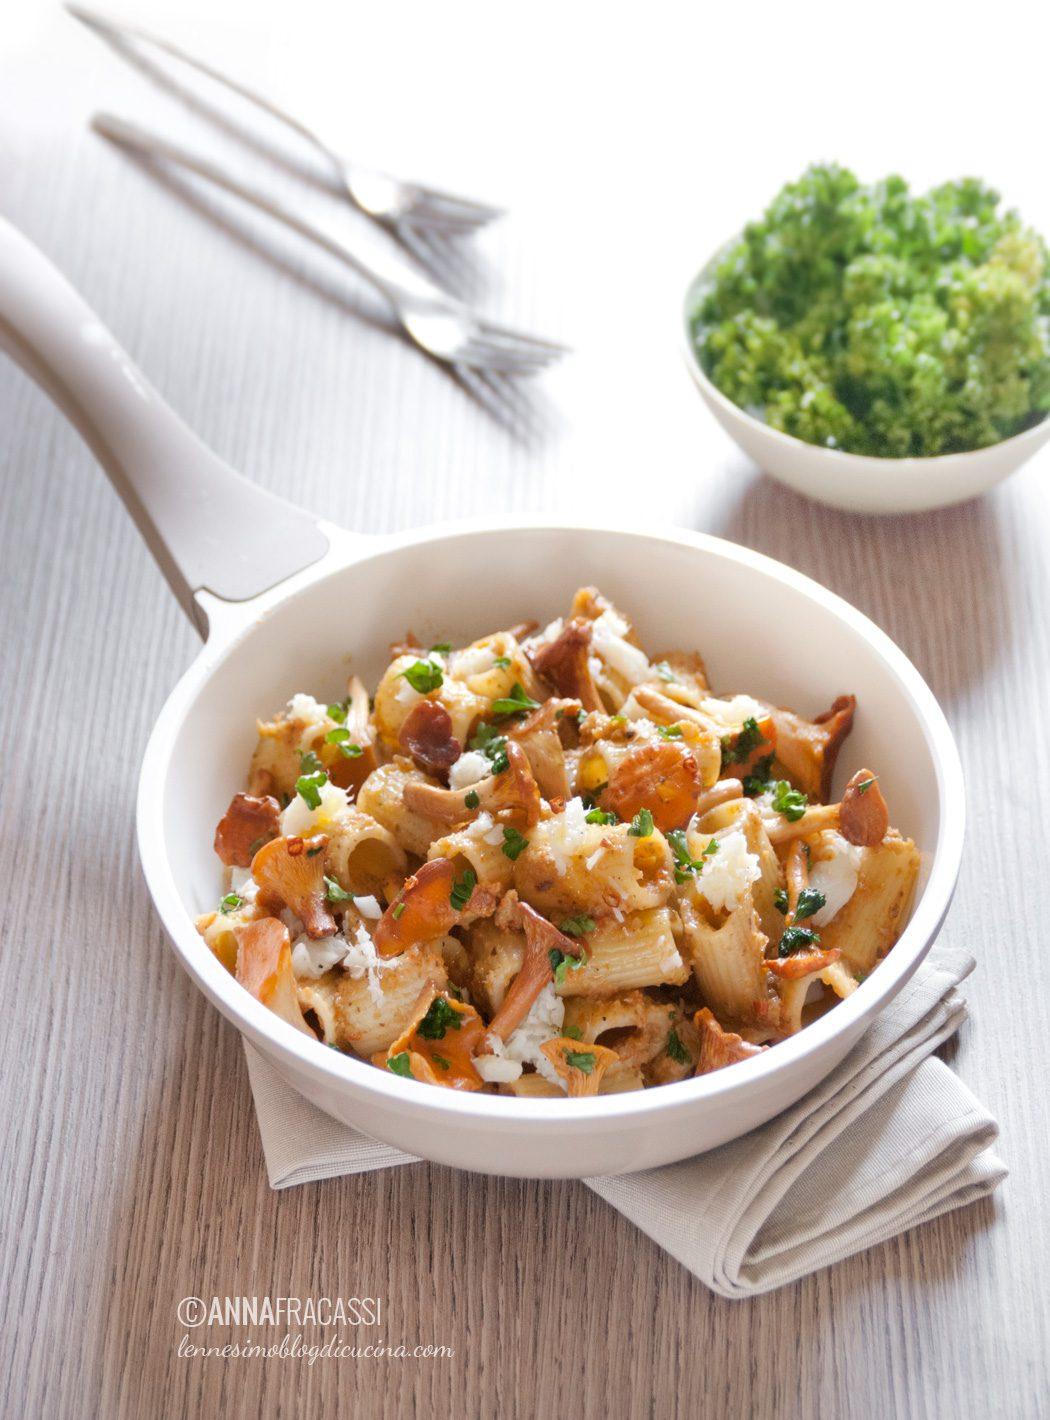 Pasta ai finferli con gallinella e salsa di caponata